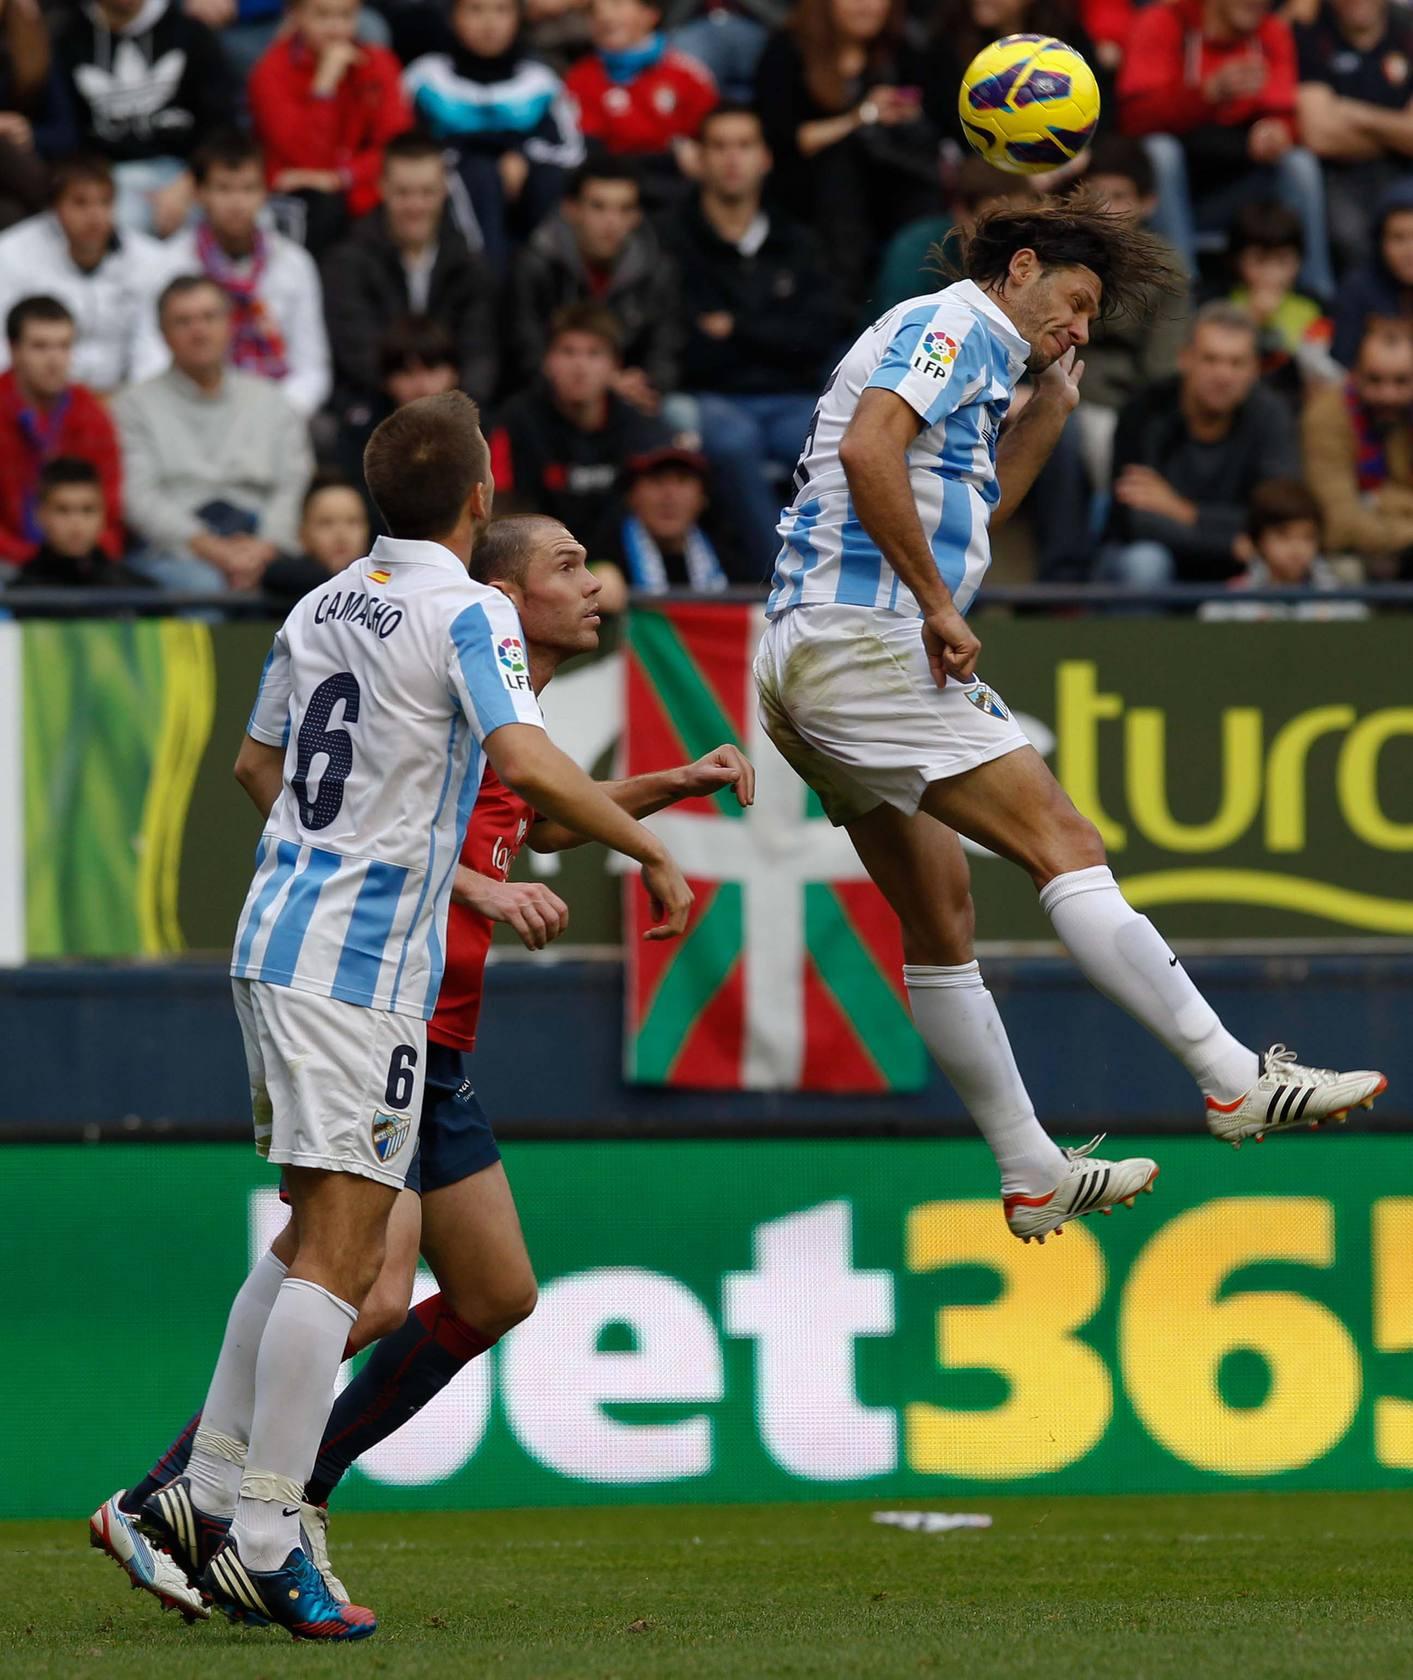 Las mejores imágenes del encuentro entre el Osasuna y el Málaga